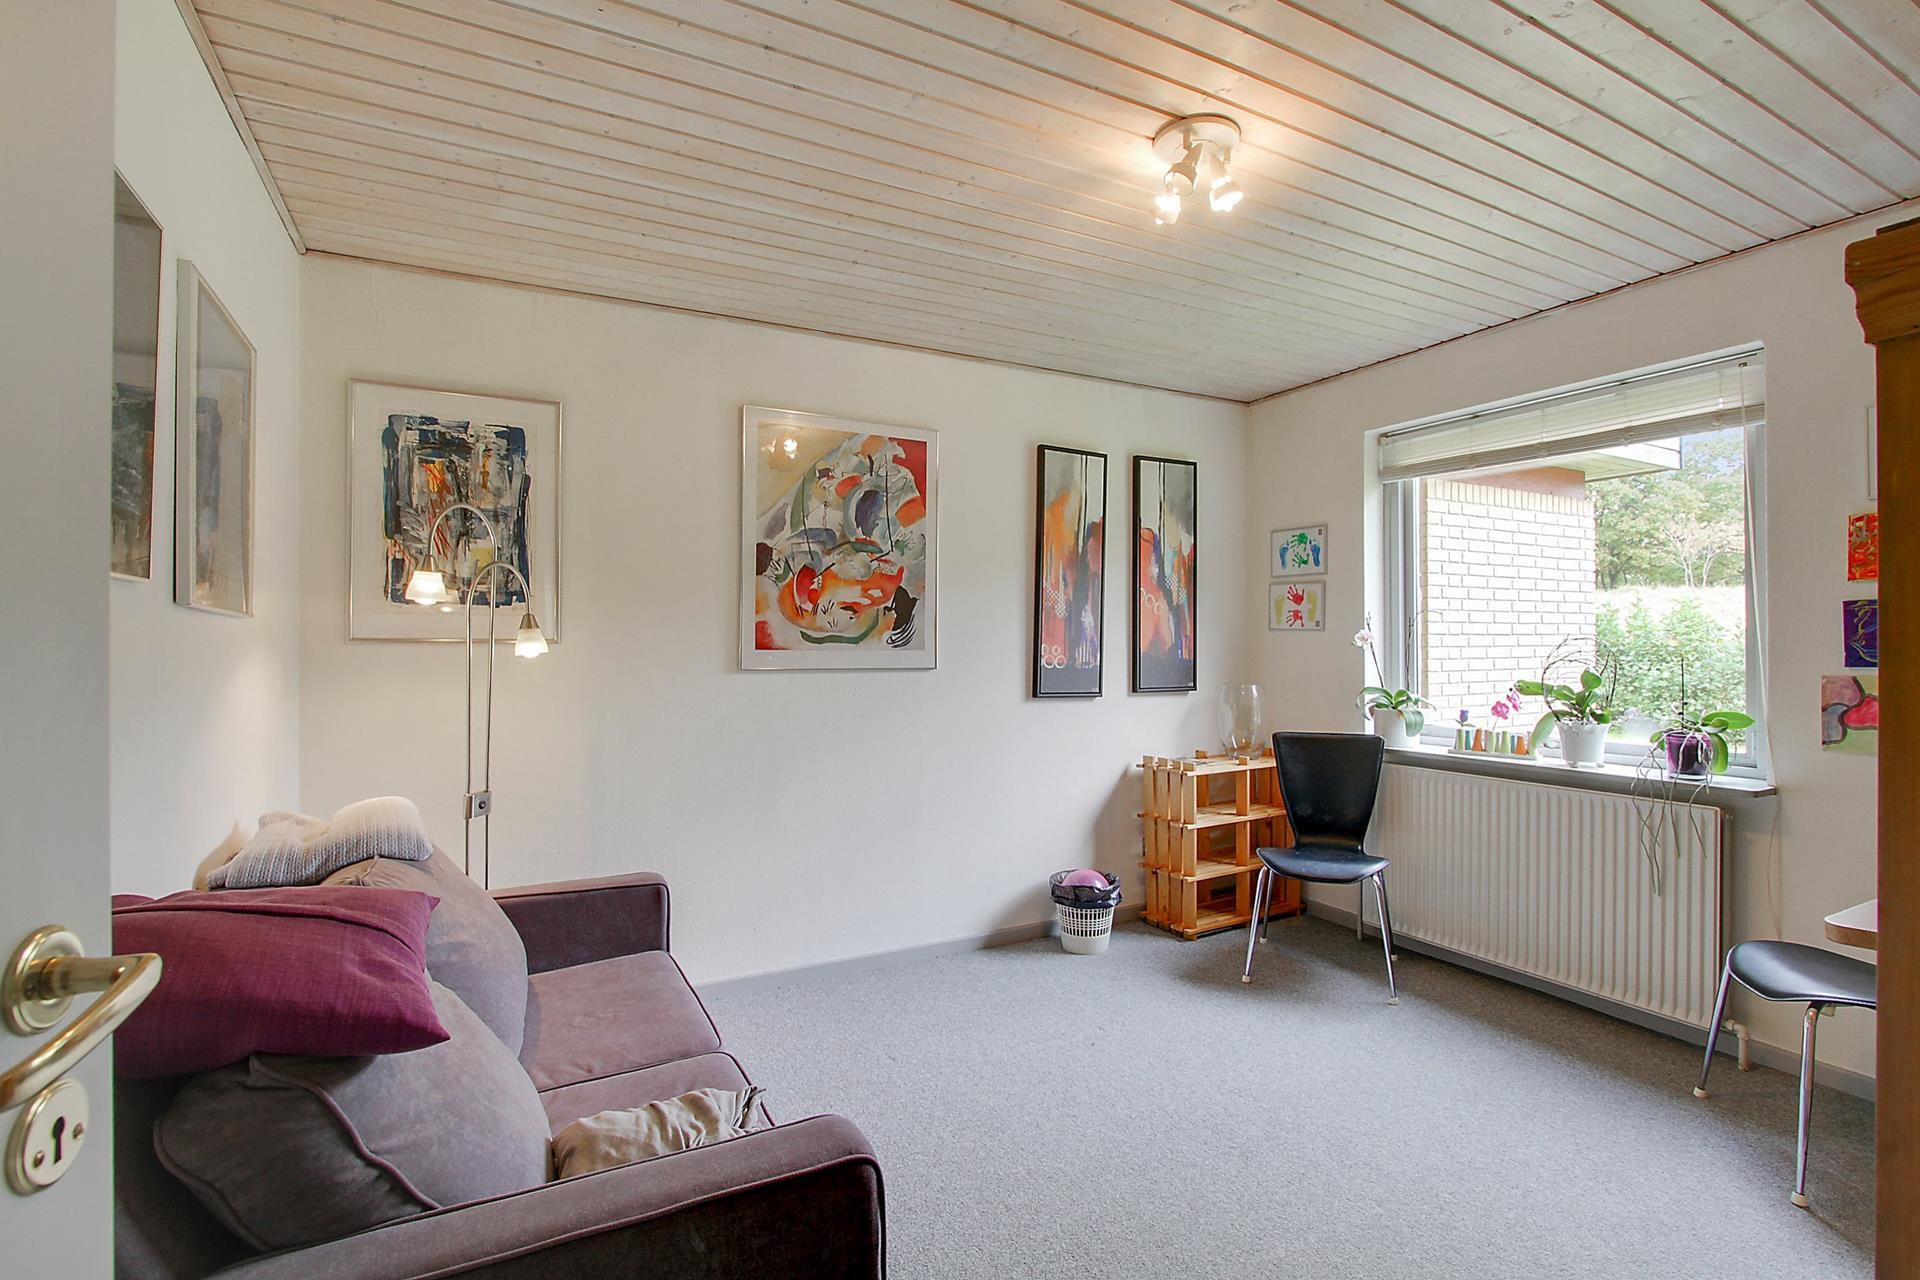 Bolig/erhverv på Thrigesvej i Silkeborg - Værelse